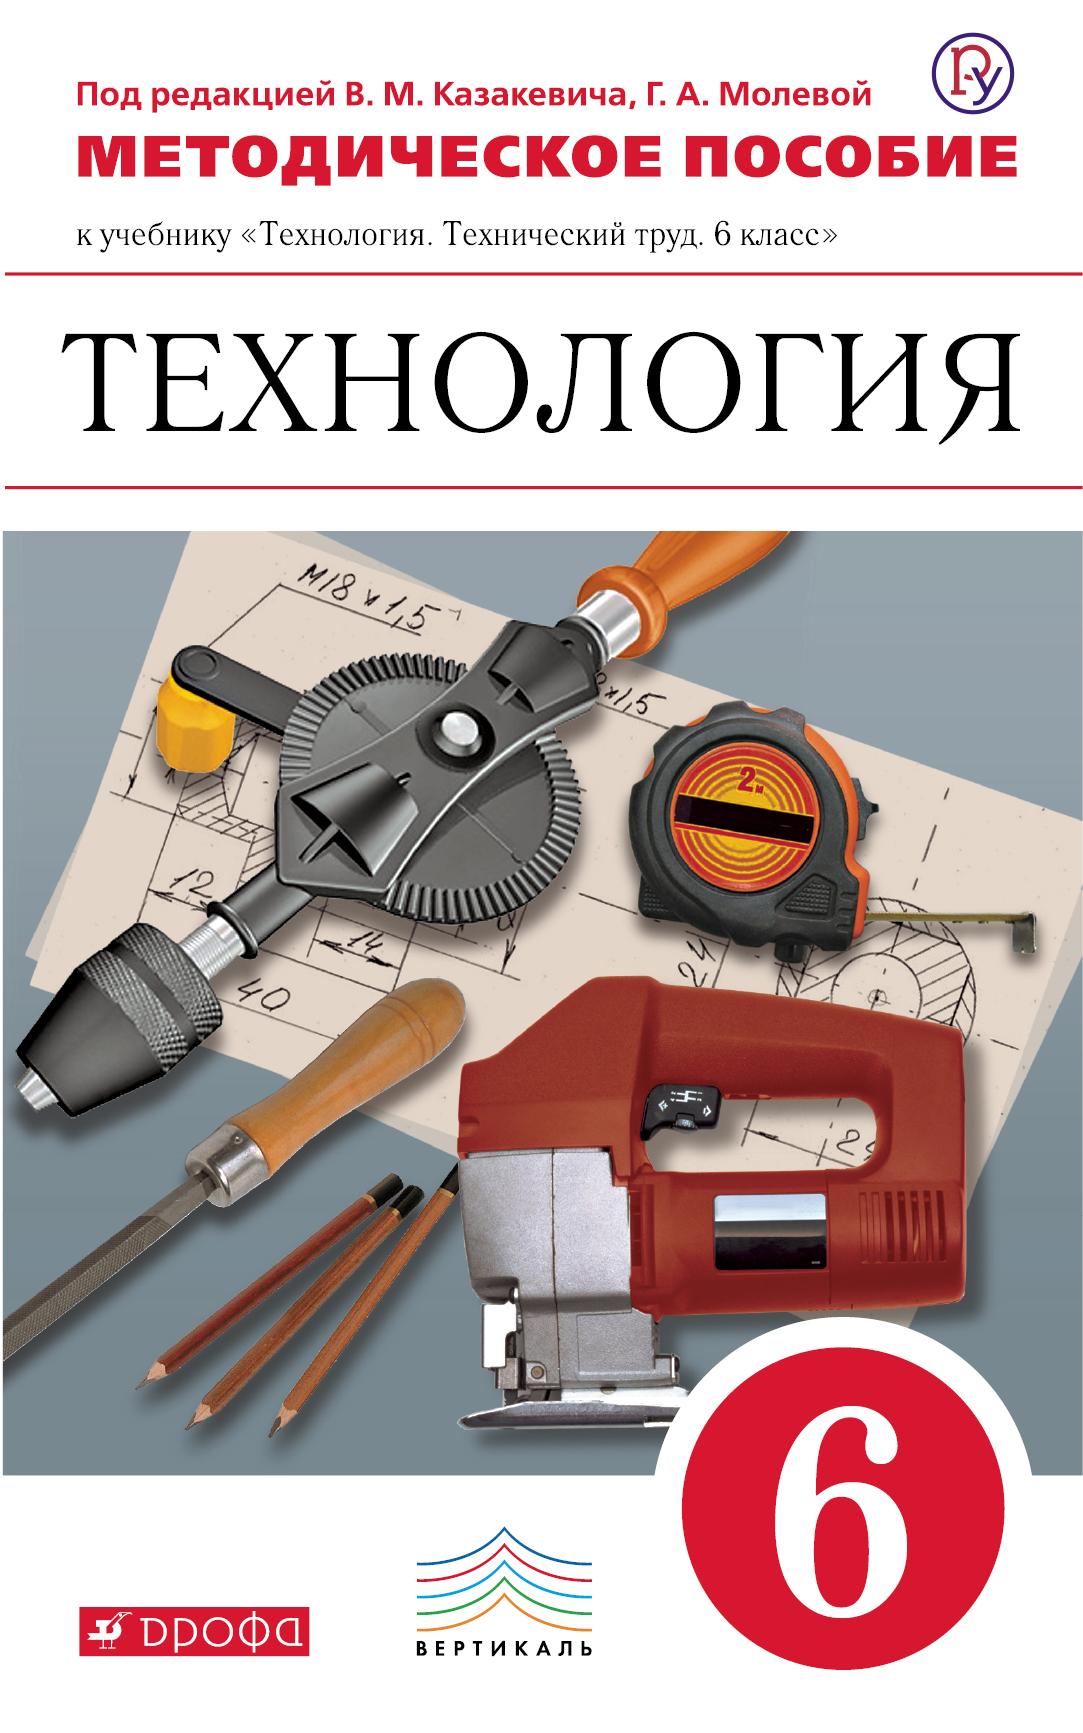 Технология. Технический труд. 6 класс. Методическое пособие